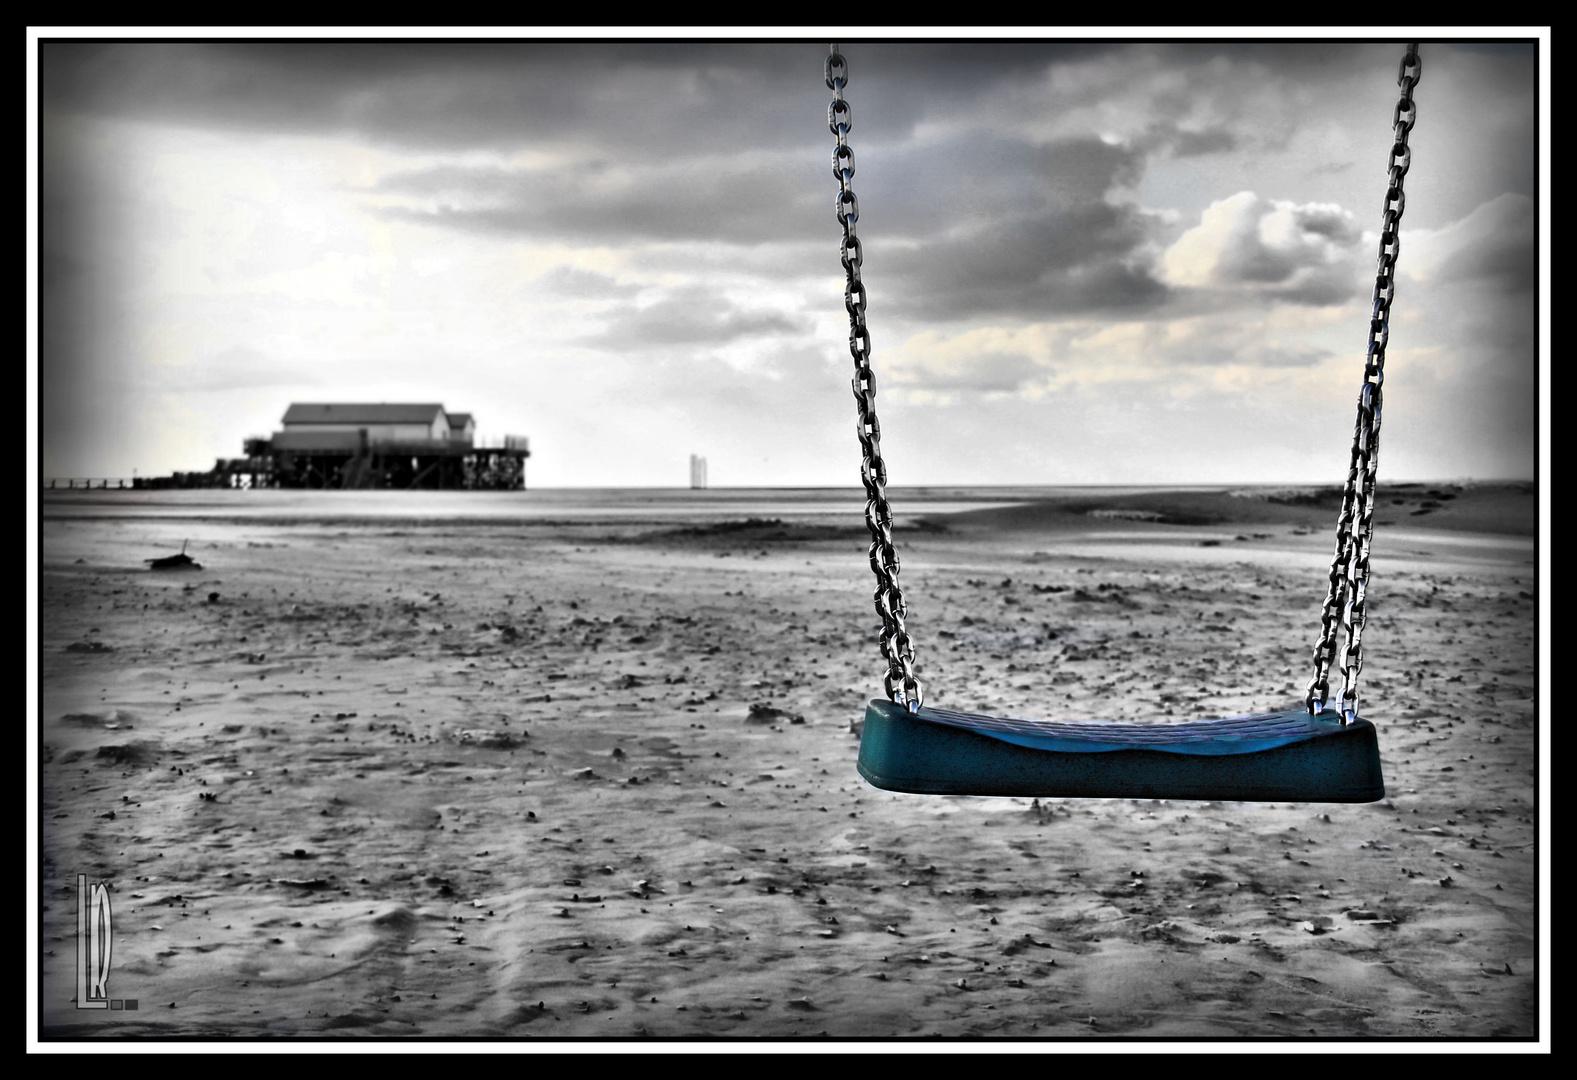 Schaukel am Strand.